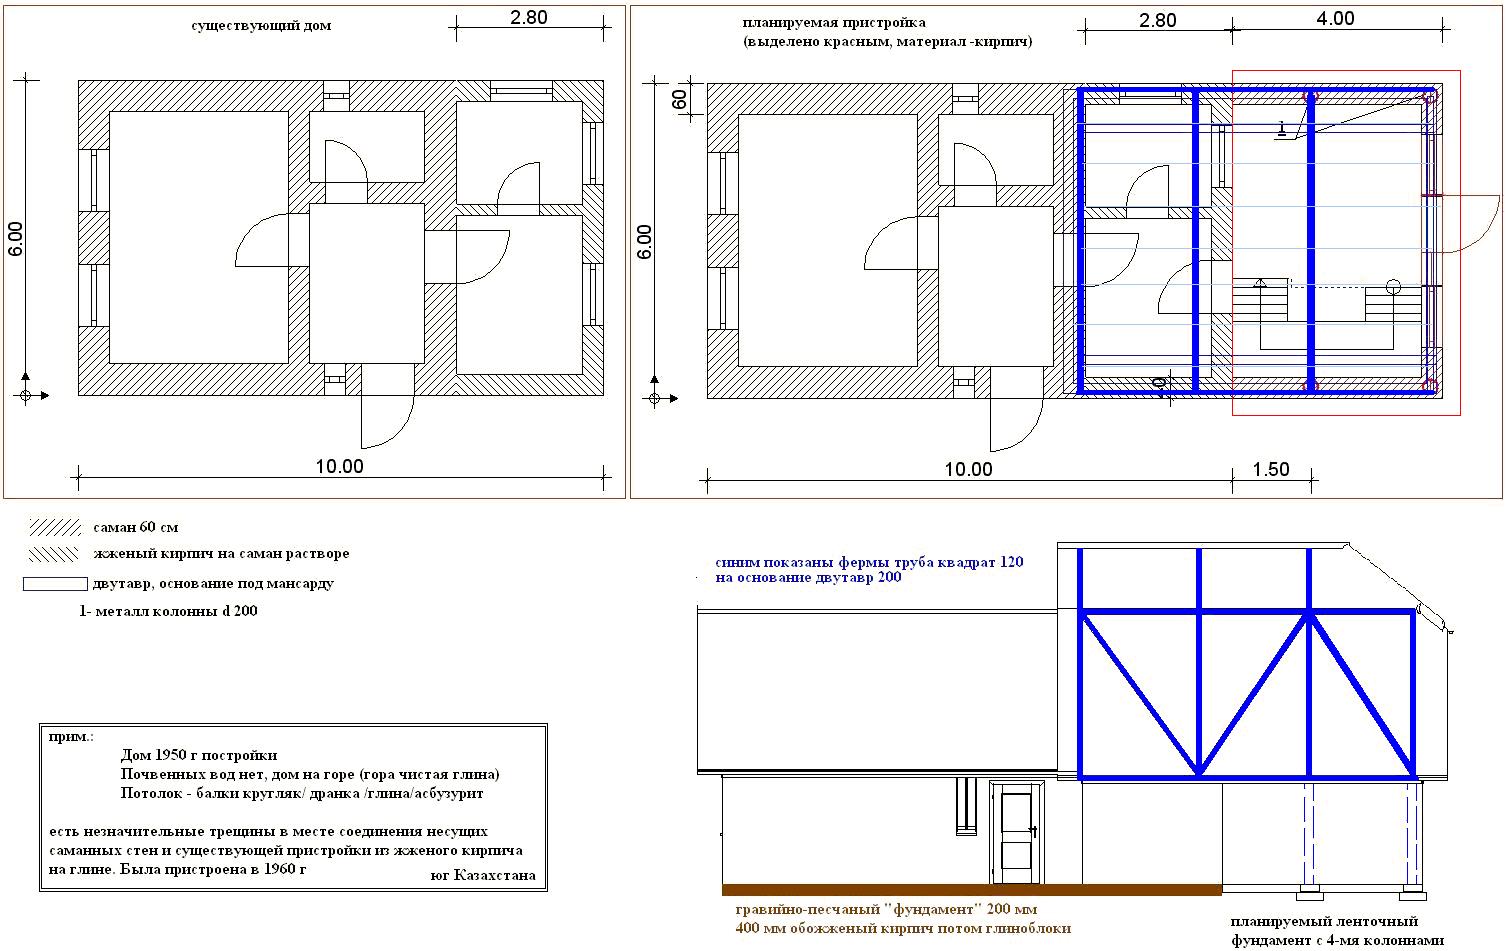 Терраса своими руками: чертежи и размеры 75